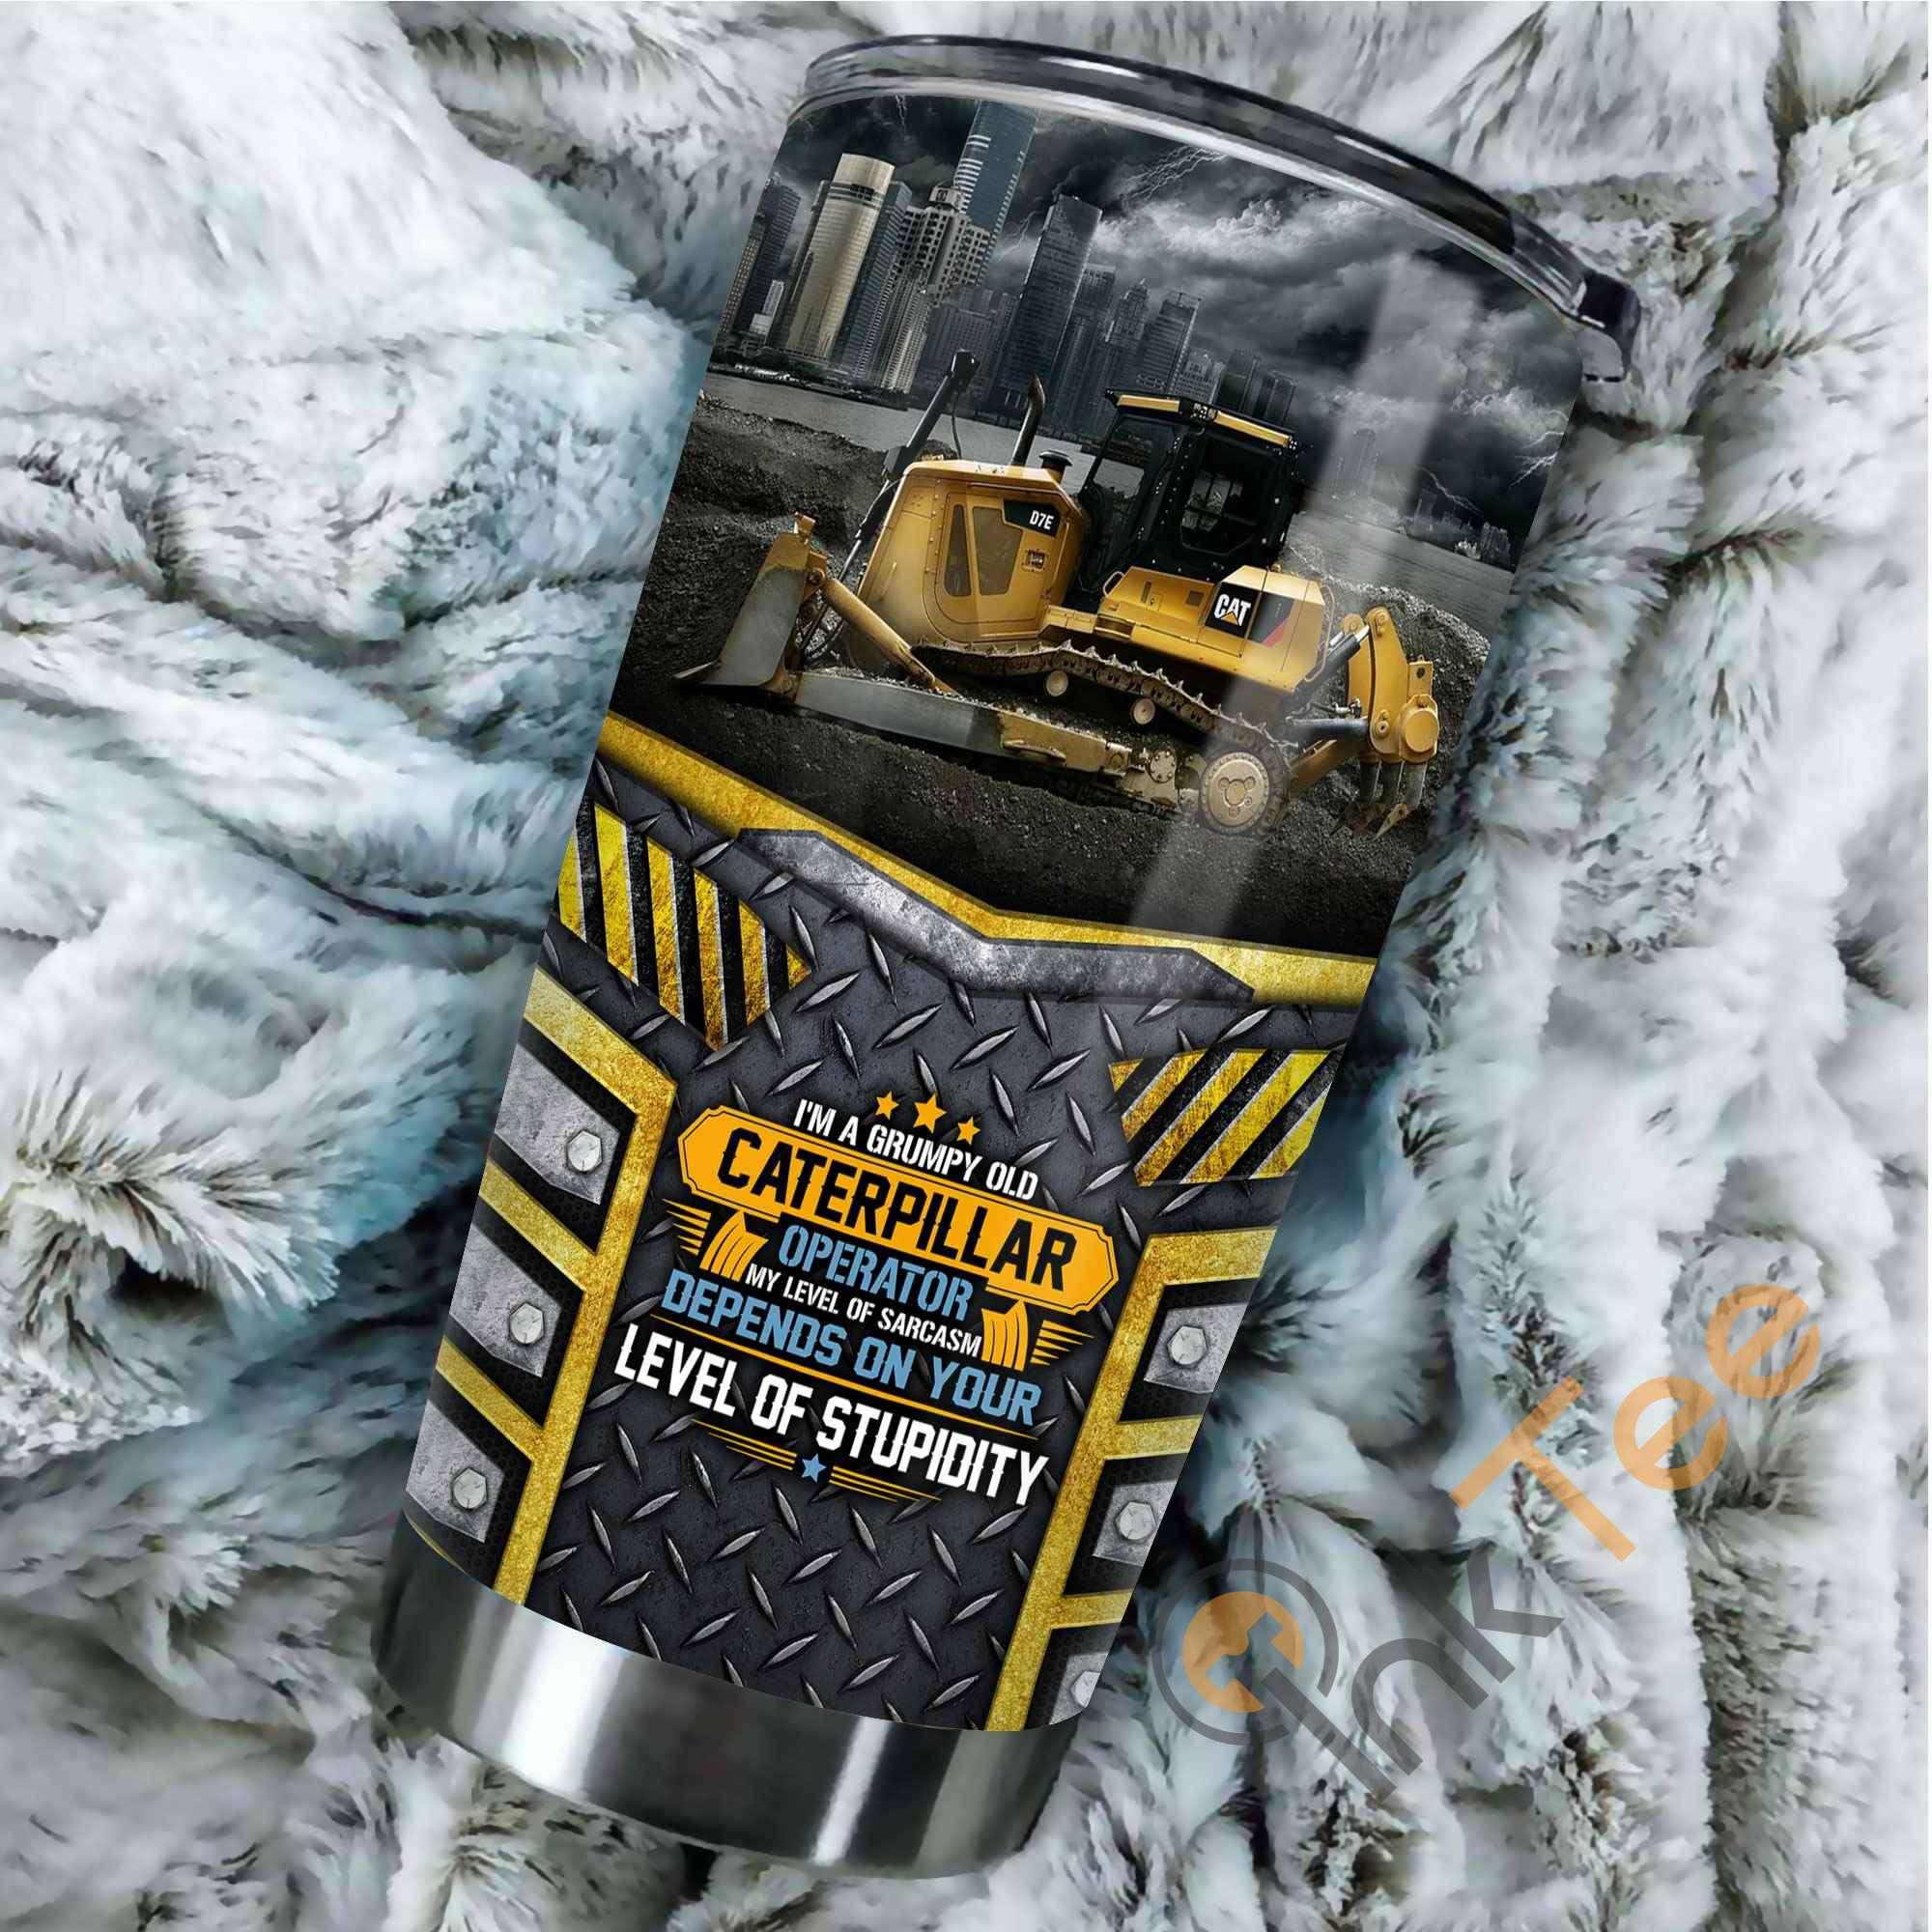 Heavy Equipment Amazon Best Seller Sku 3593 Stainless Steel Tumbler